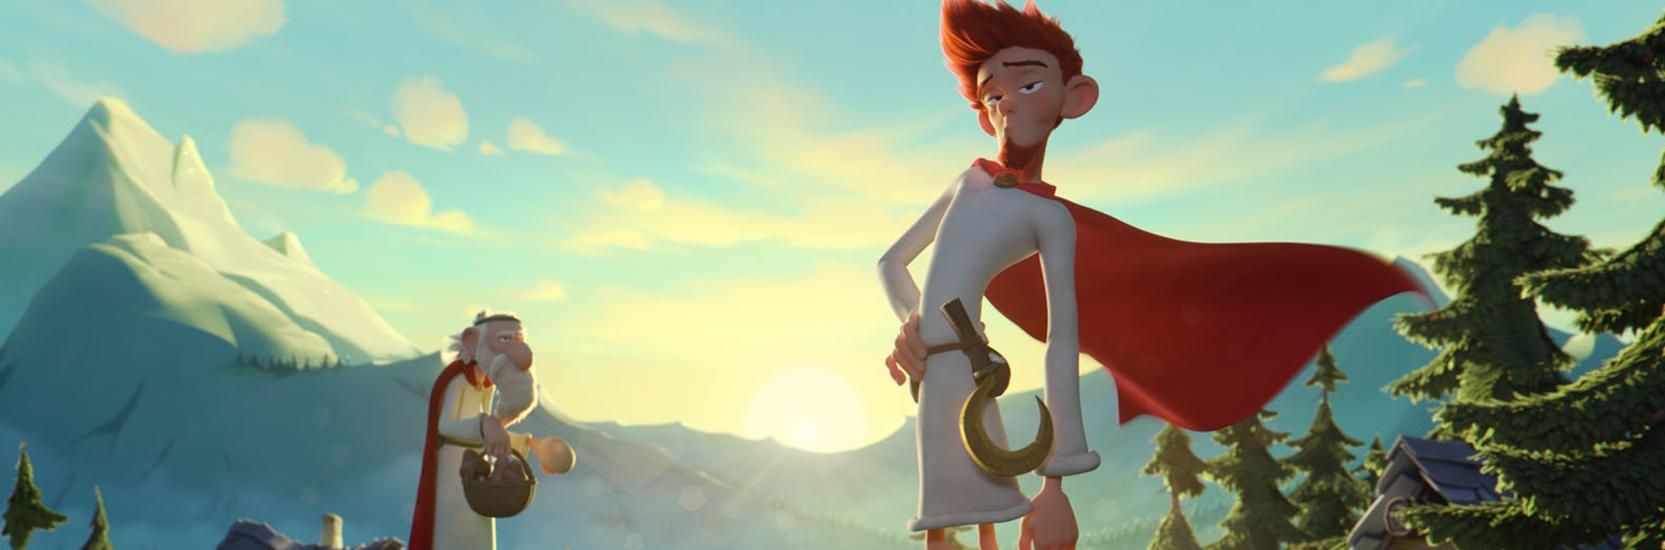 """Le plein d'infos sur """"Astérix 2"""" de Louis Clichy et Alexandre Astier !"""